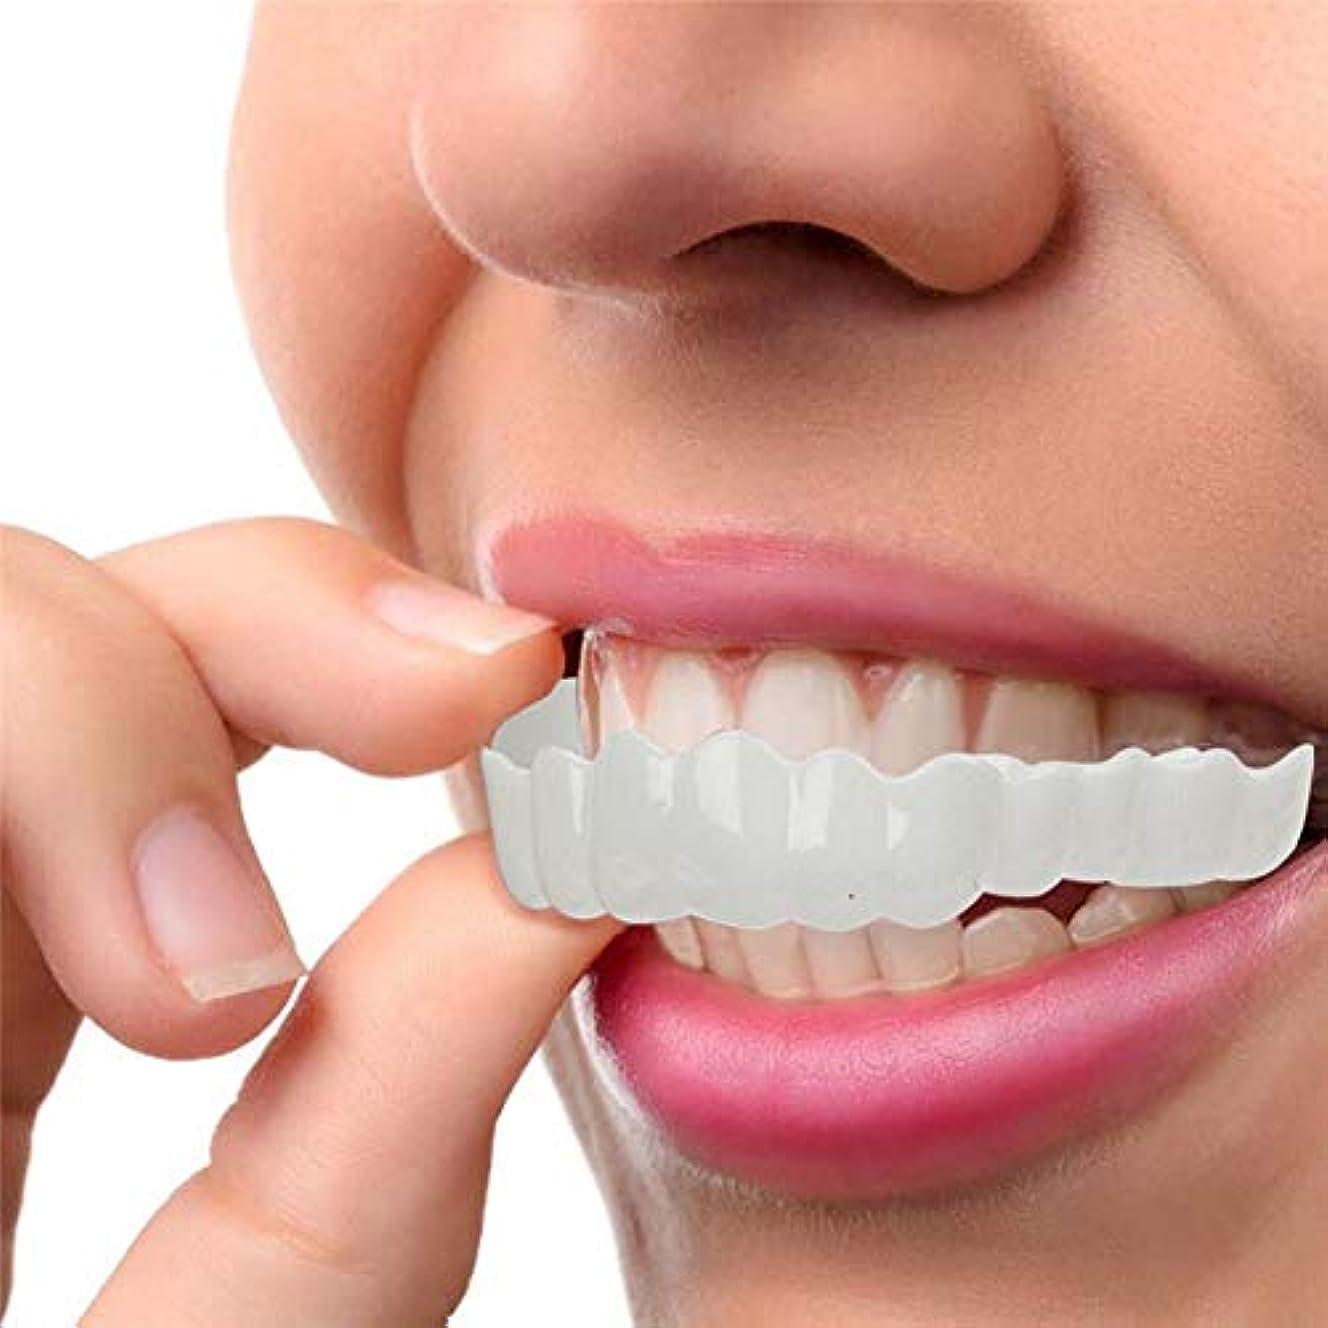 芽家主ゲージ化粧品の歯、白い歯をきれいにするコンフォートフィットフレックス歯ソケット、超快適、快適なフィット感、3セット